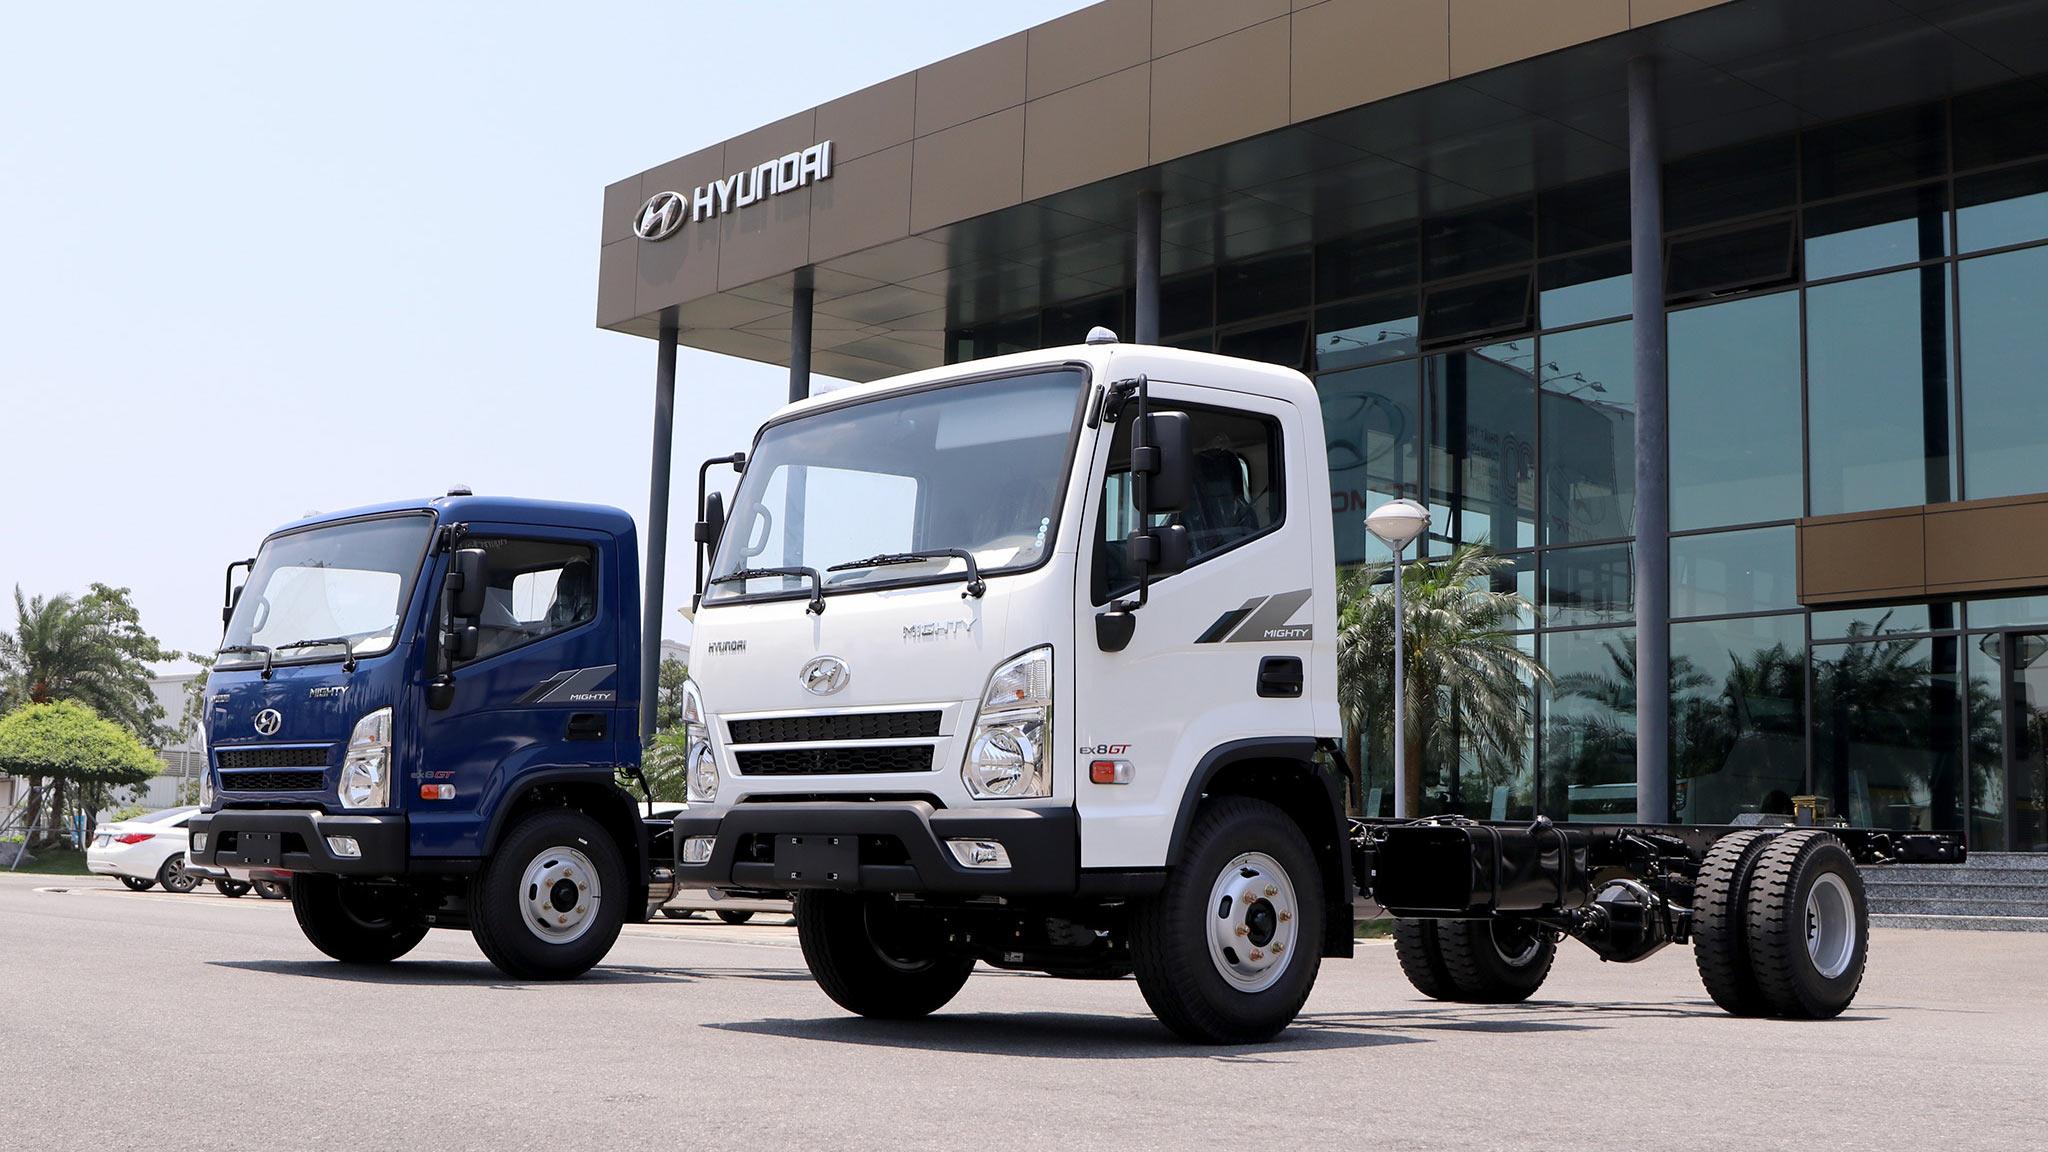 Xe tải Hyundai Mighty EX8 GT ra mắt tại Việt Nam, giá từ 695 triệu